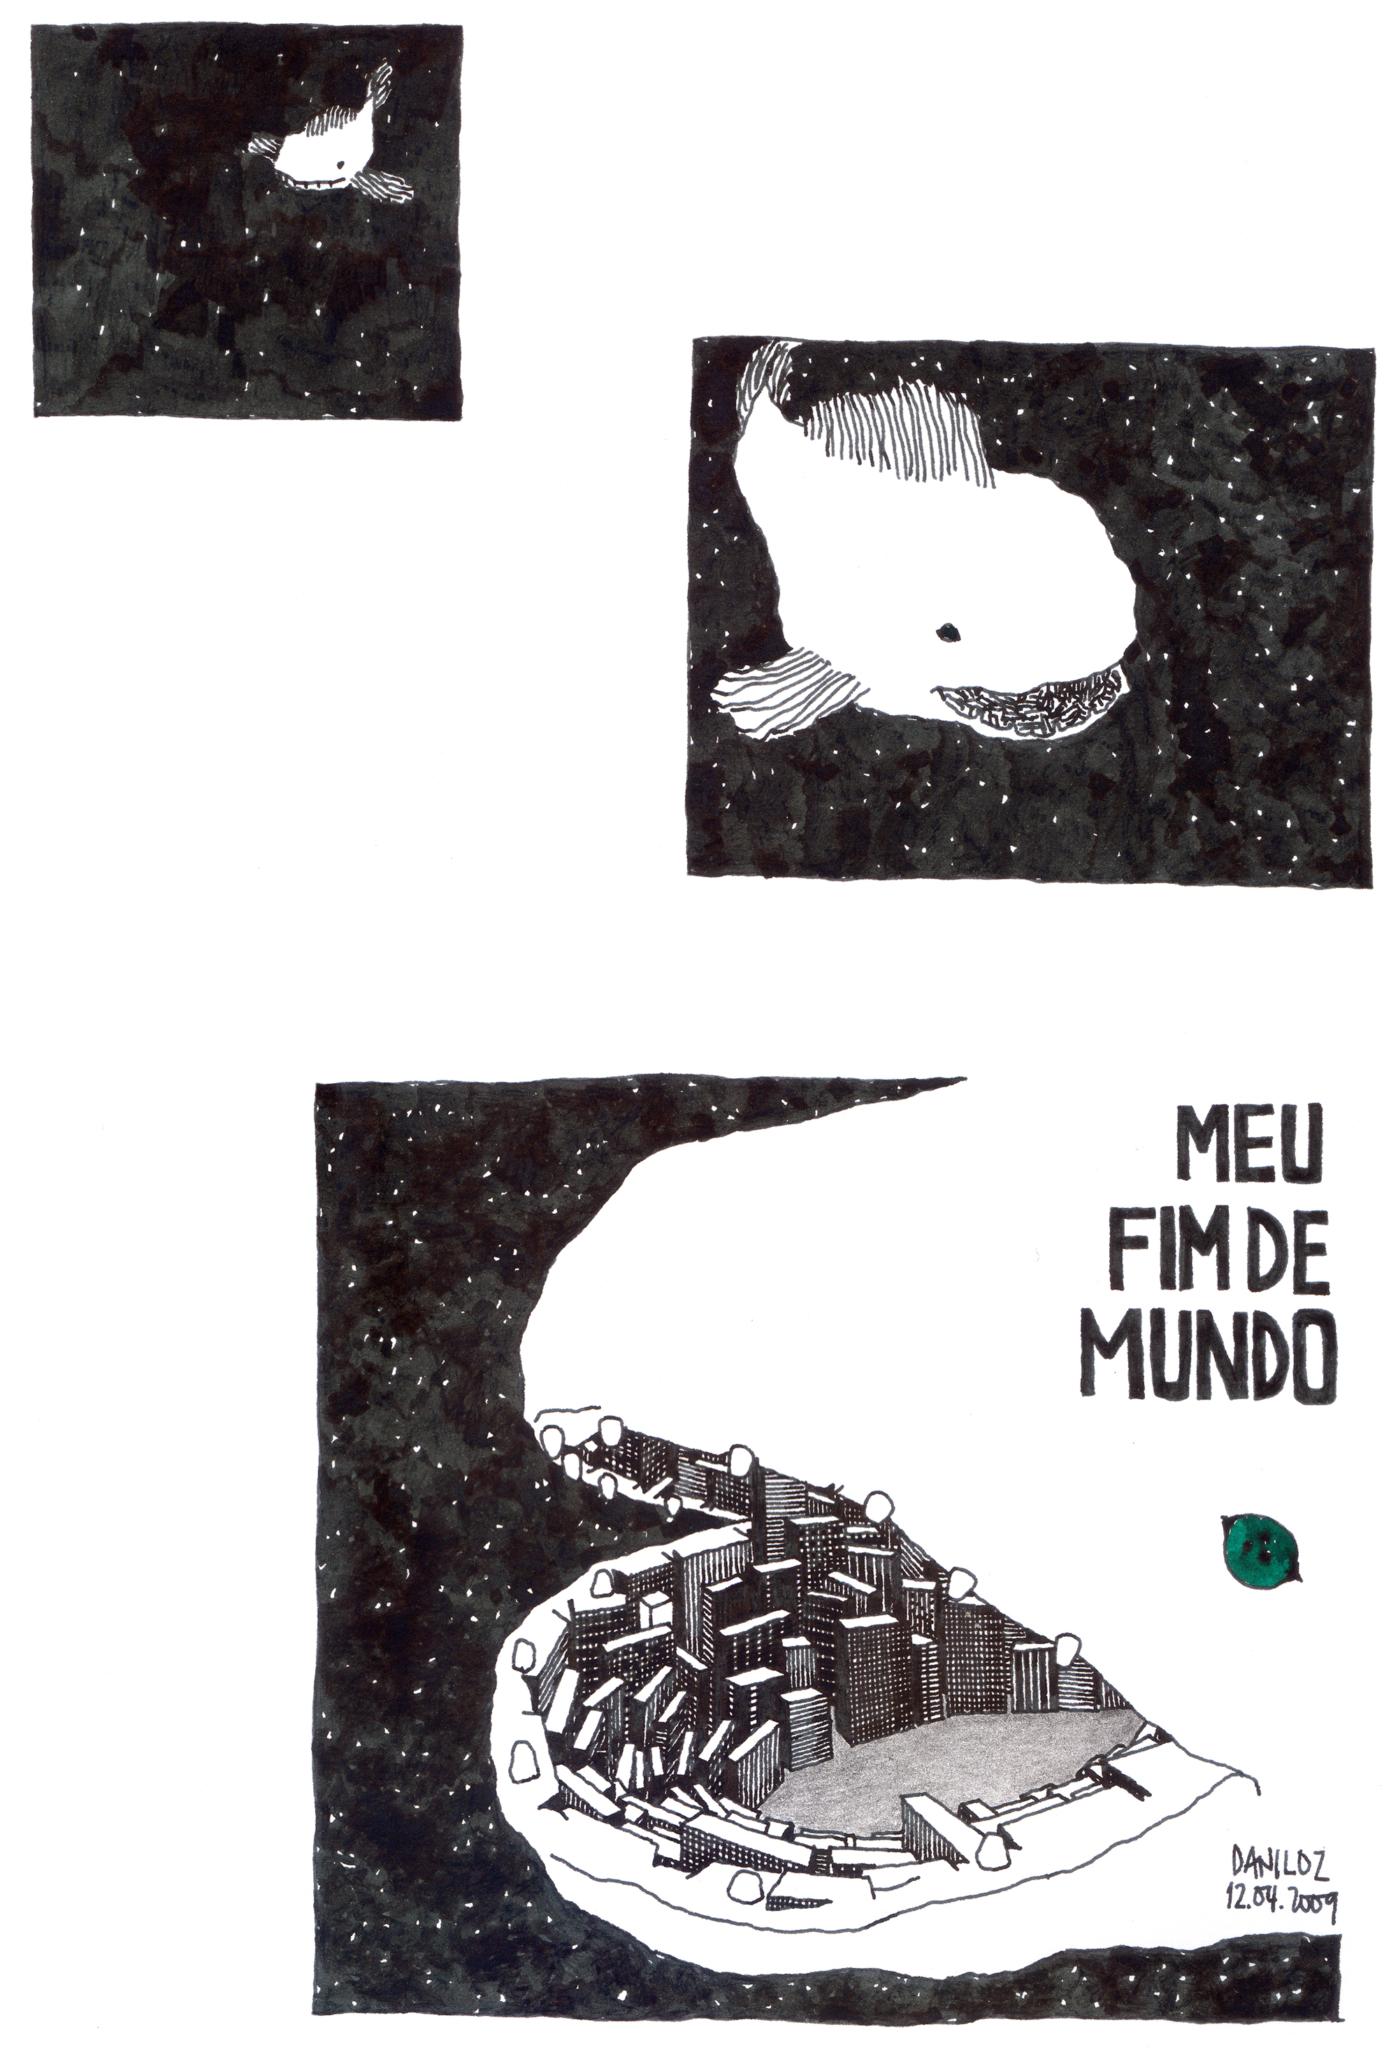 Meu-Fim-de-Mundo-01-daniloz